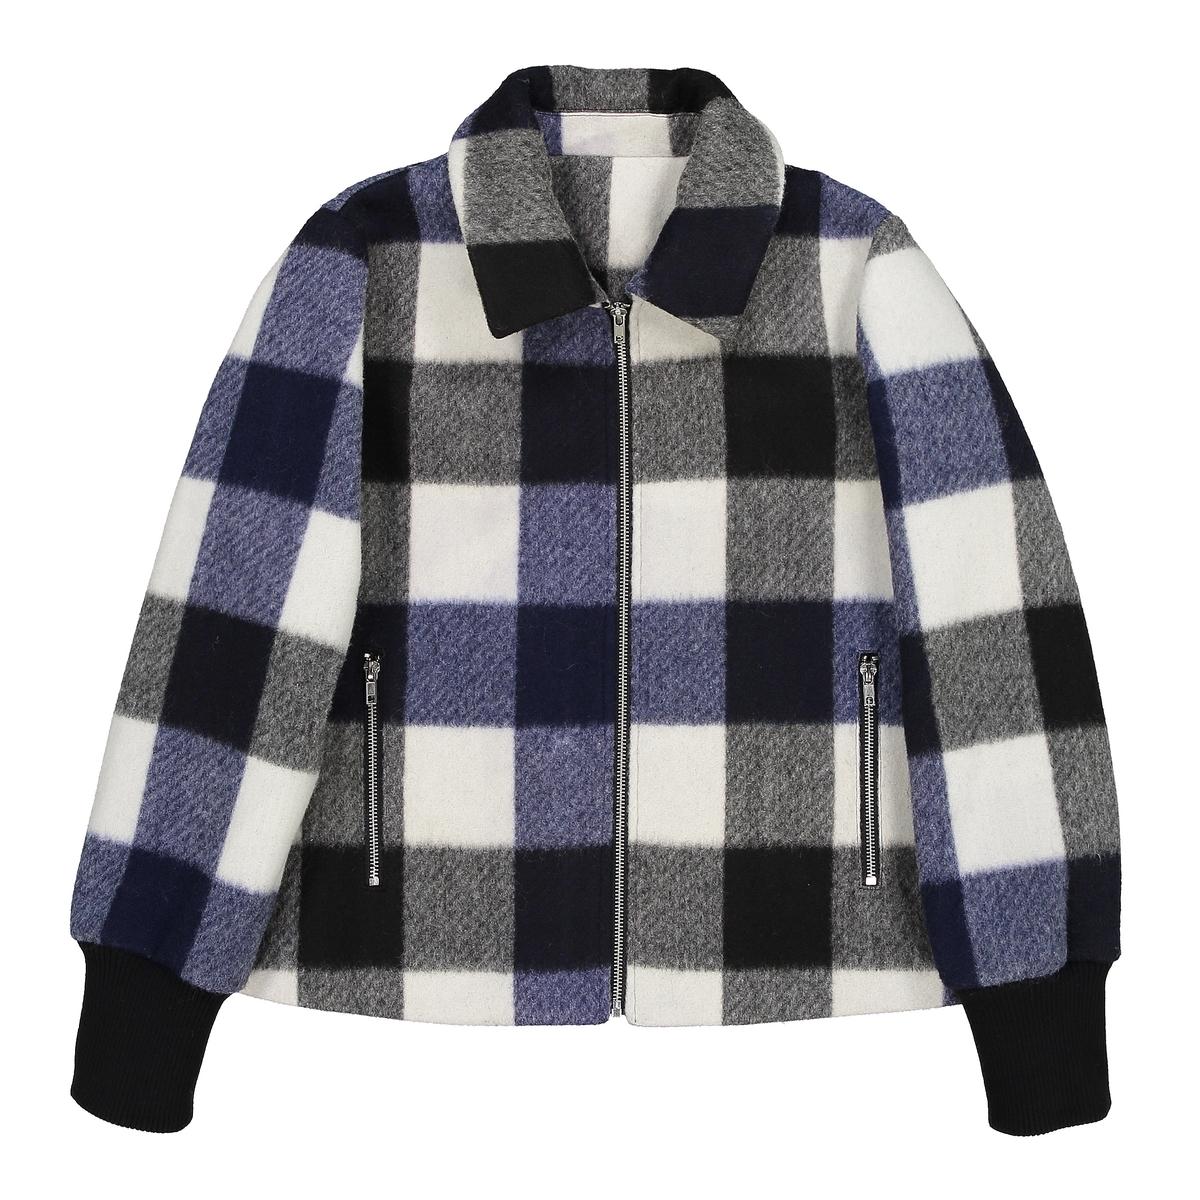 ПальтоОписание:Пальто в очень модном британском стиле, в клетку, в котором вы не замерзнете и будете выглядеть очень модно .Детали •  Длина : укороченная   •  Воротник-поло, рубашечный  •  Рисунок в клетку •  Застежка на молниюСостав и уход •  20% шерсти, 80% полиэстера •  Подкладка : 100% полиэстер • Не стирать •  Не гладить / не отбеливать   •  Не использовать барабанную сушку   •  Деликатная сухая чистка •  Длина : 60 см<br><br>Цвет: морские квадраты / черная / слоновая кость<br>Размер: 48 (FR) - 54 (RUS).44 (FR) - 50 (RUS).34 (FR) - 40 (RUS).50 (FR) - 56 (RUS).42 (FR) - 48 (RUS).40 (FR) - 46 (RUS).38 (FR) - 44 (RUS)